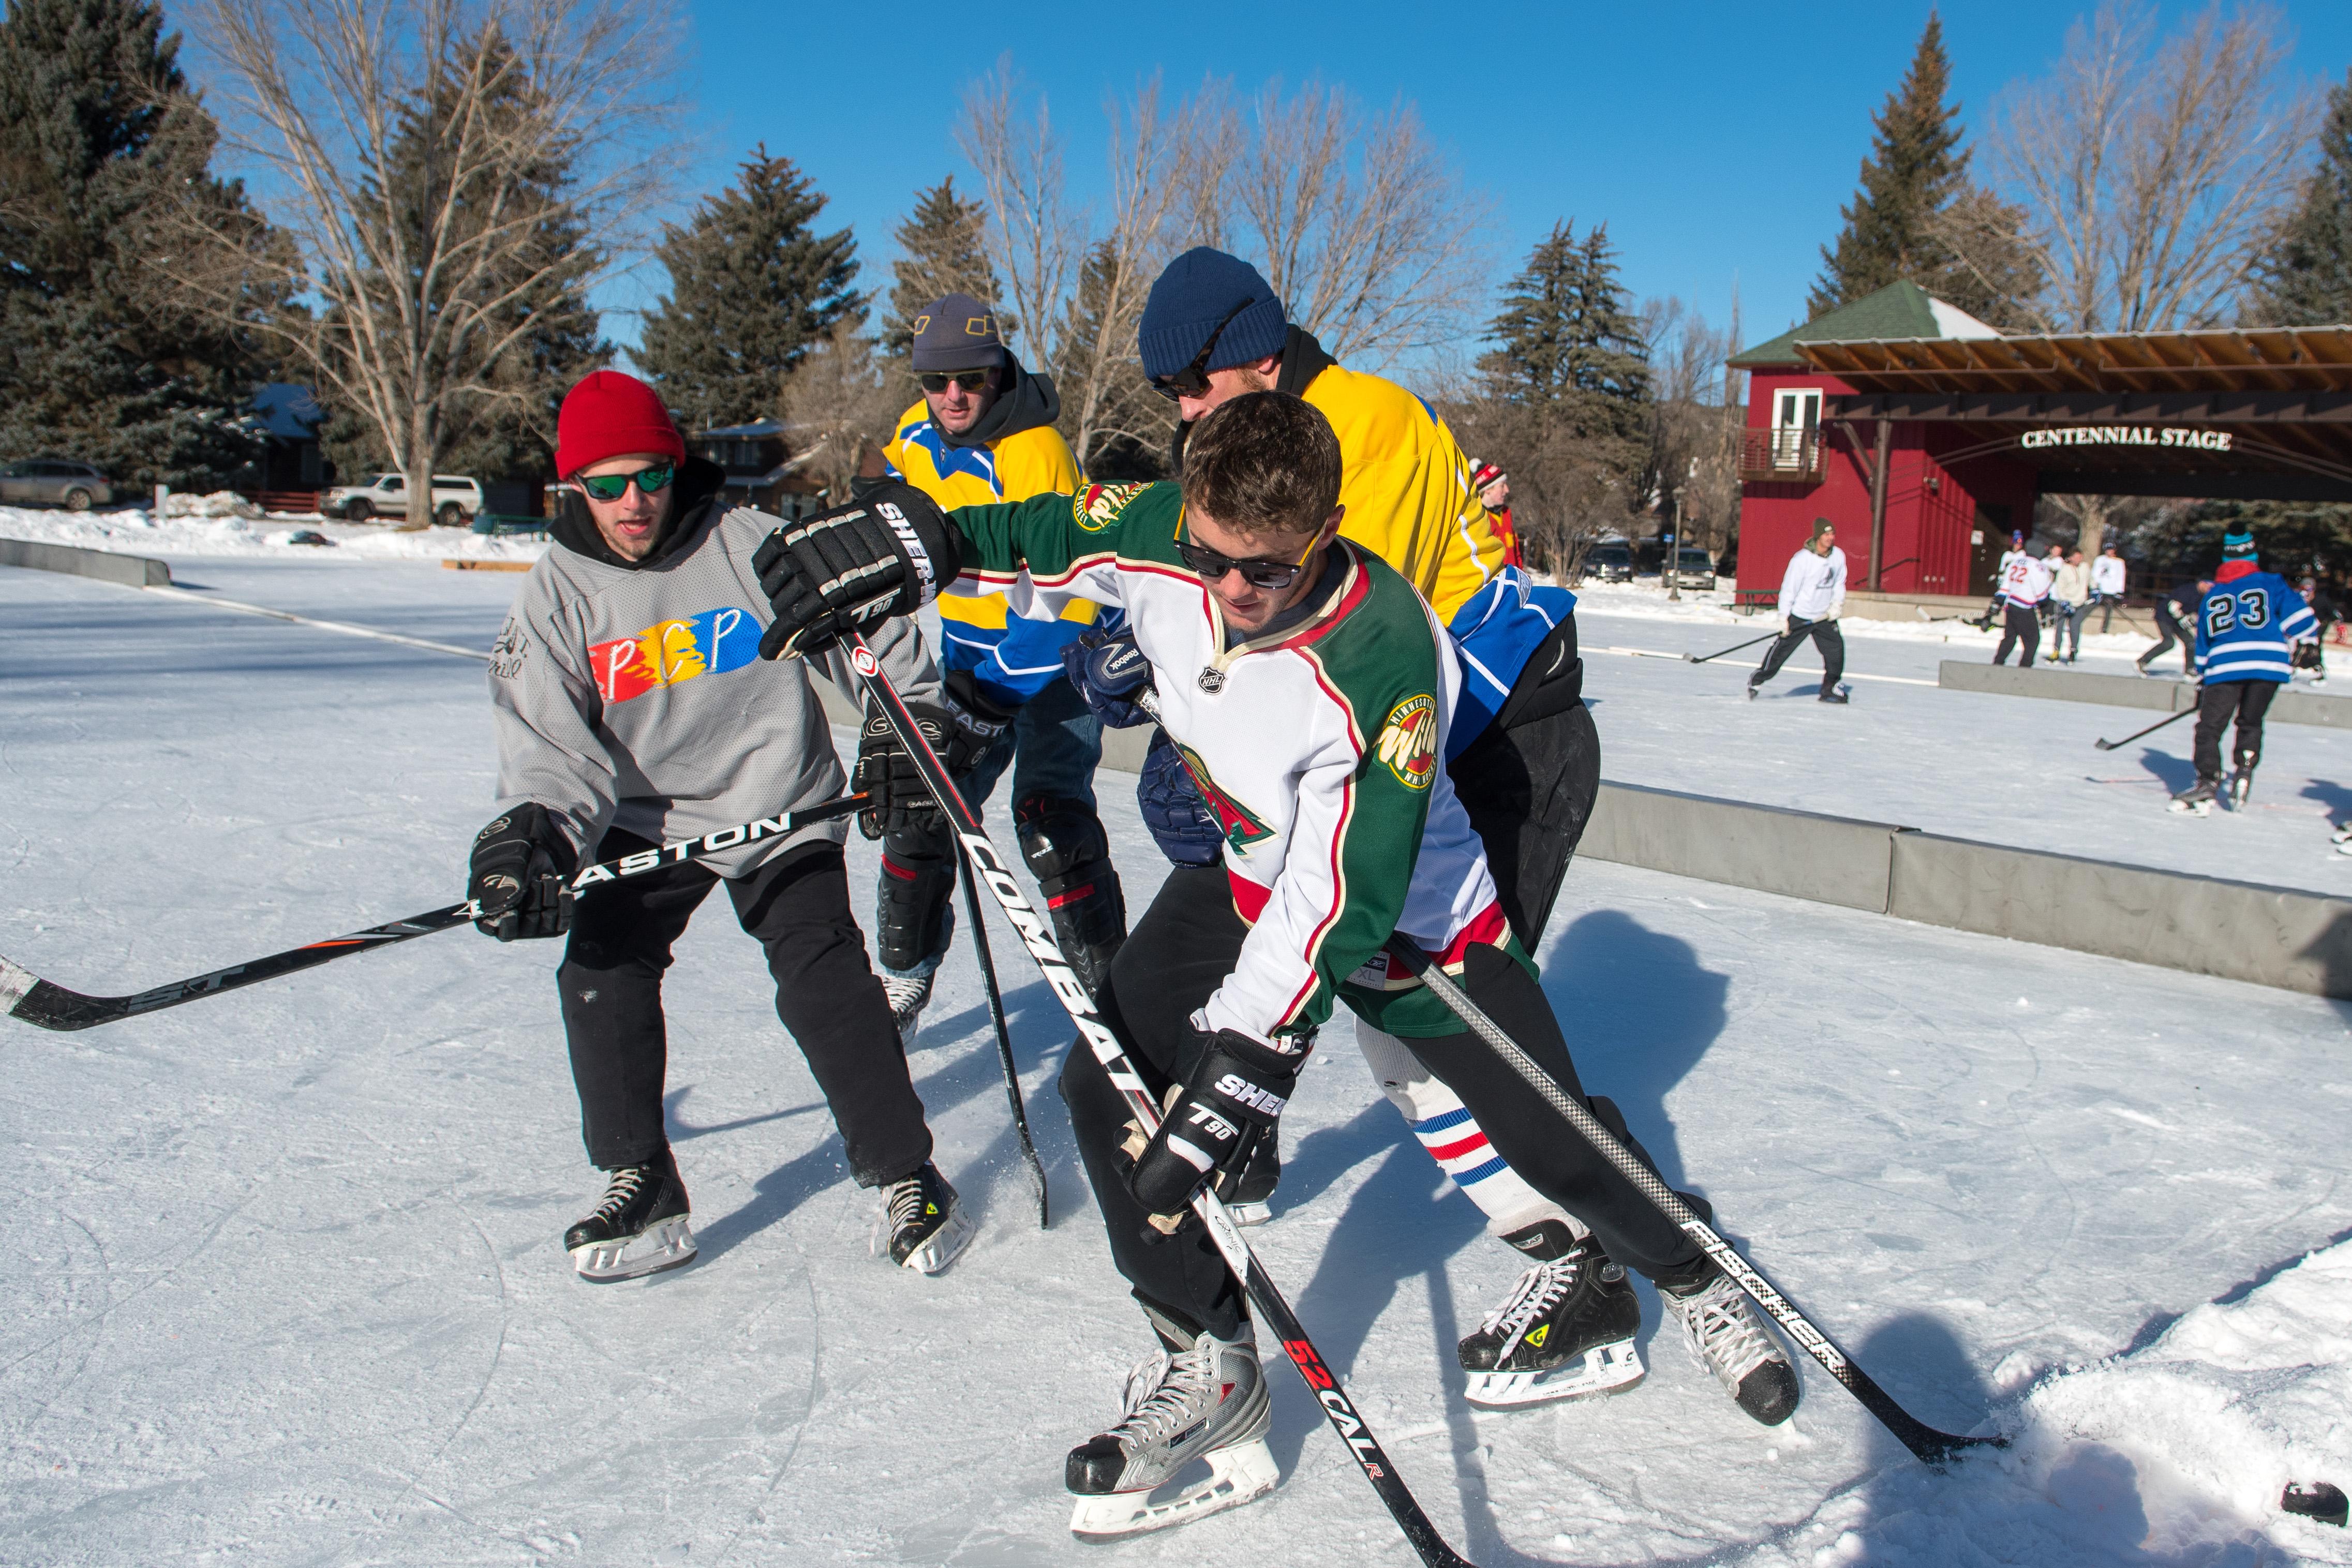 Huskies Hockey Pond Hockey Championships Fundraiser Eagleoutside